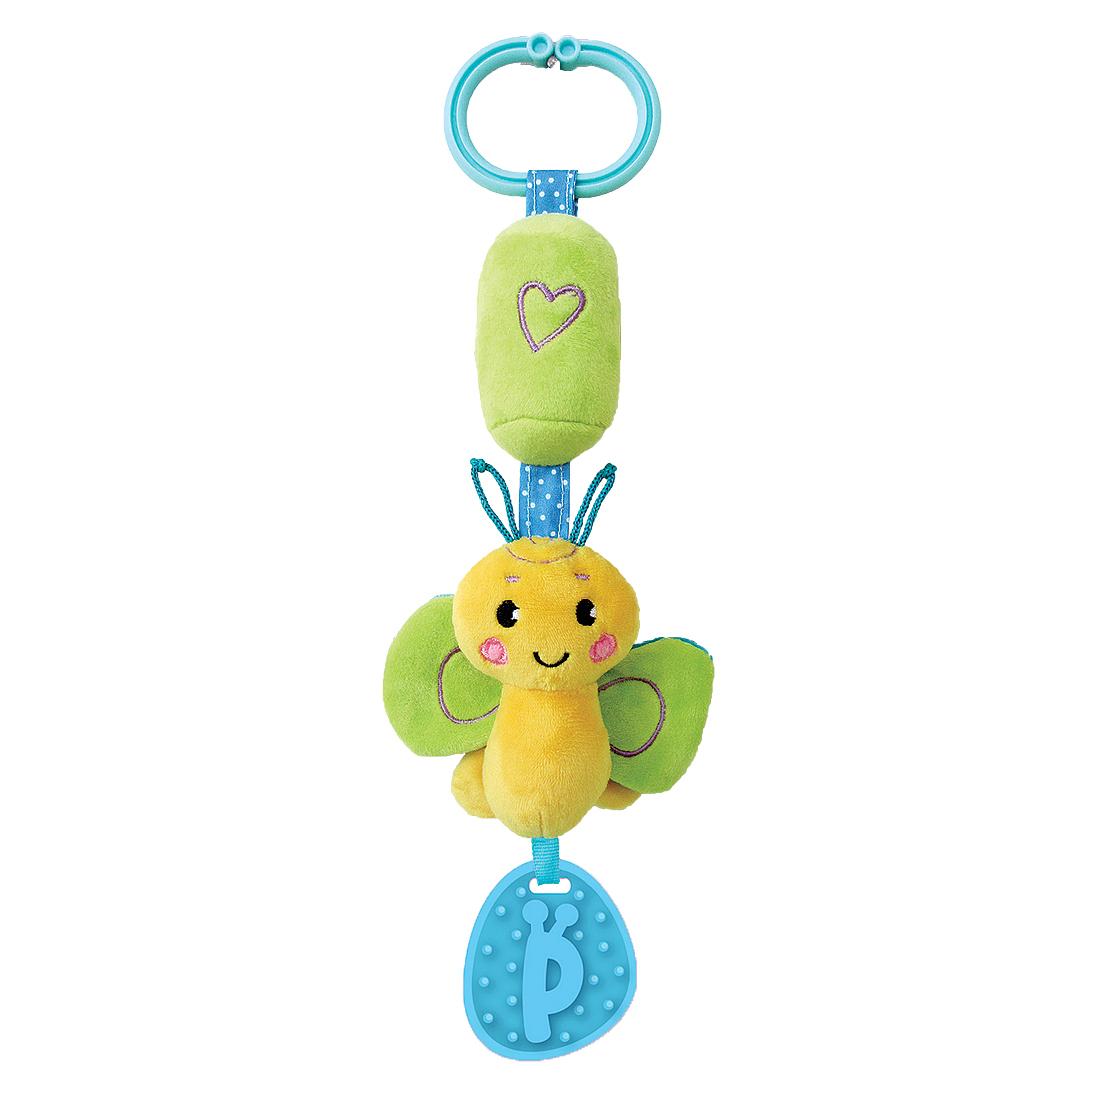 Подвеска Наша игрушка Бабочка прорезыватели жирафики подвеска жирафики бабочка с колокольчиком и прорезывателем розовая